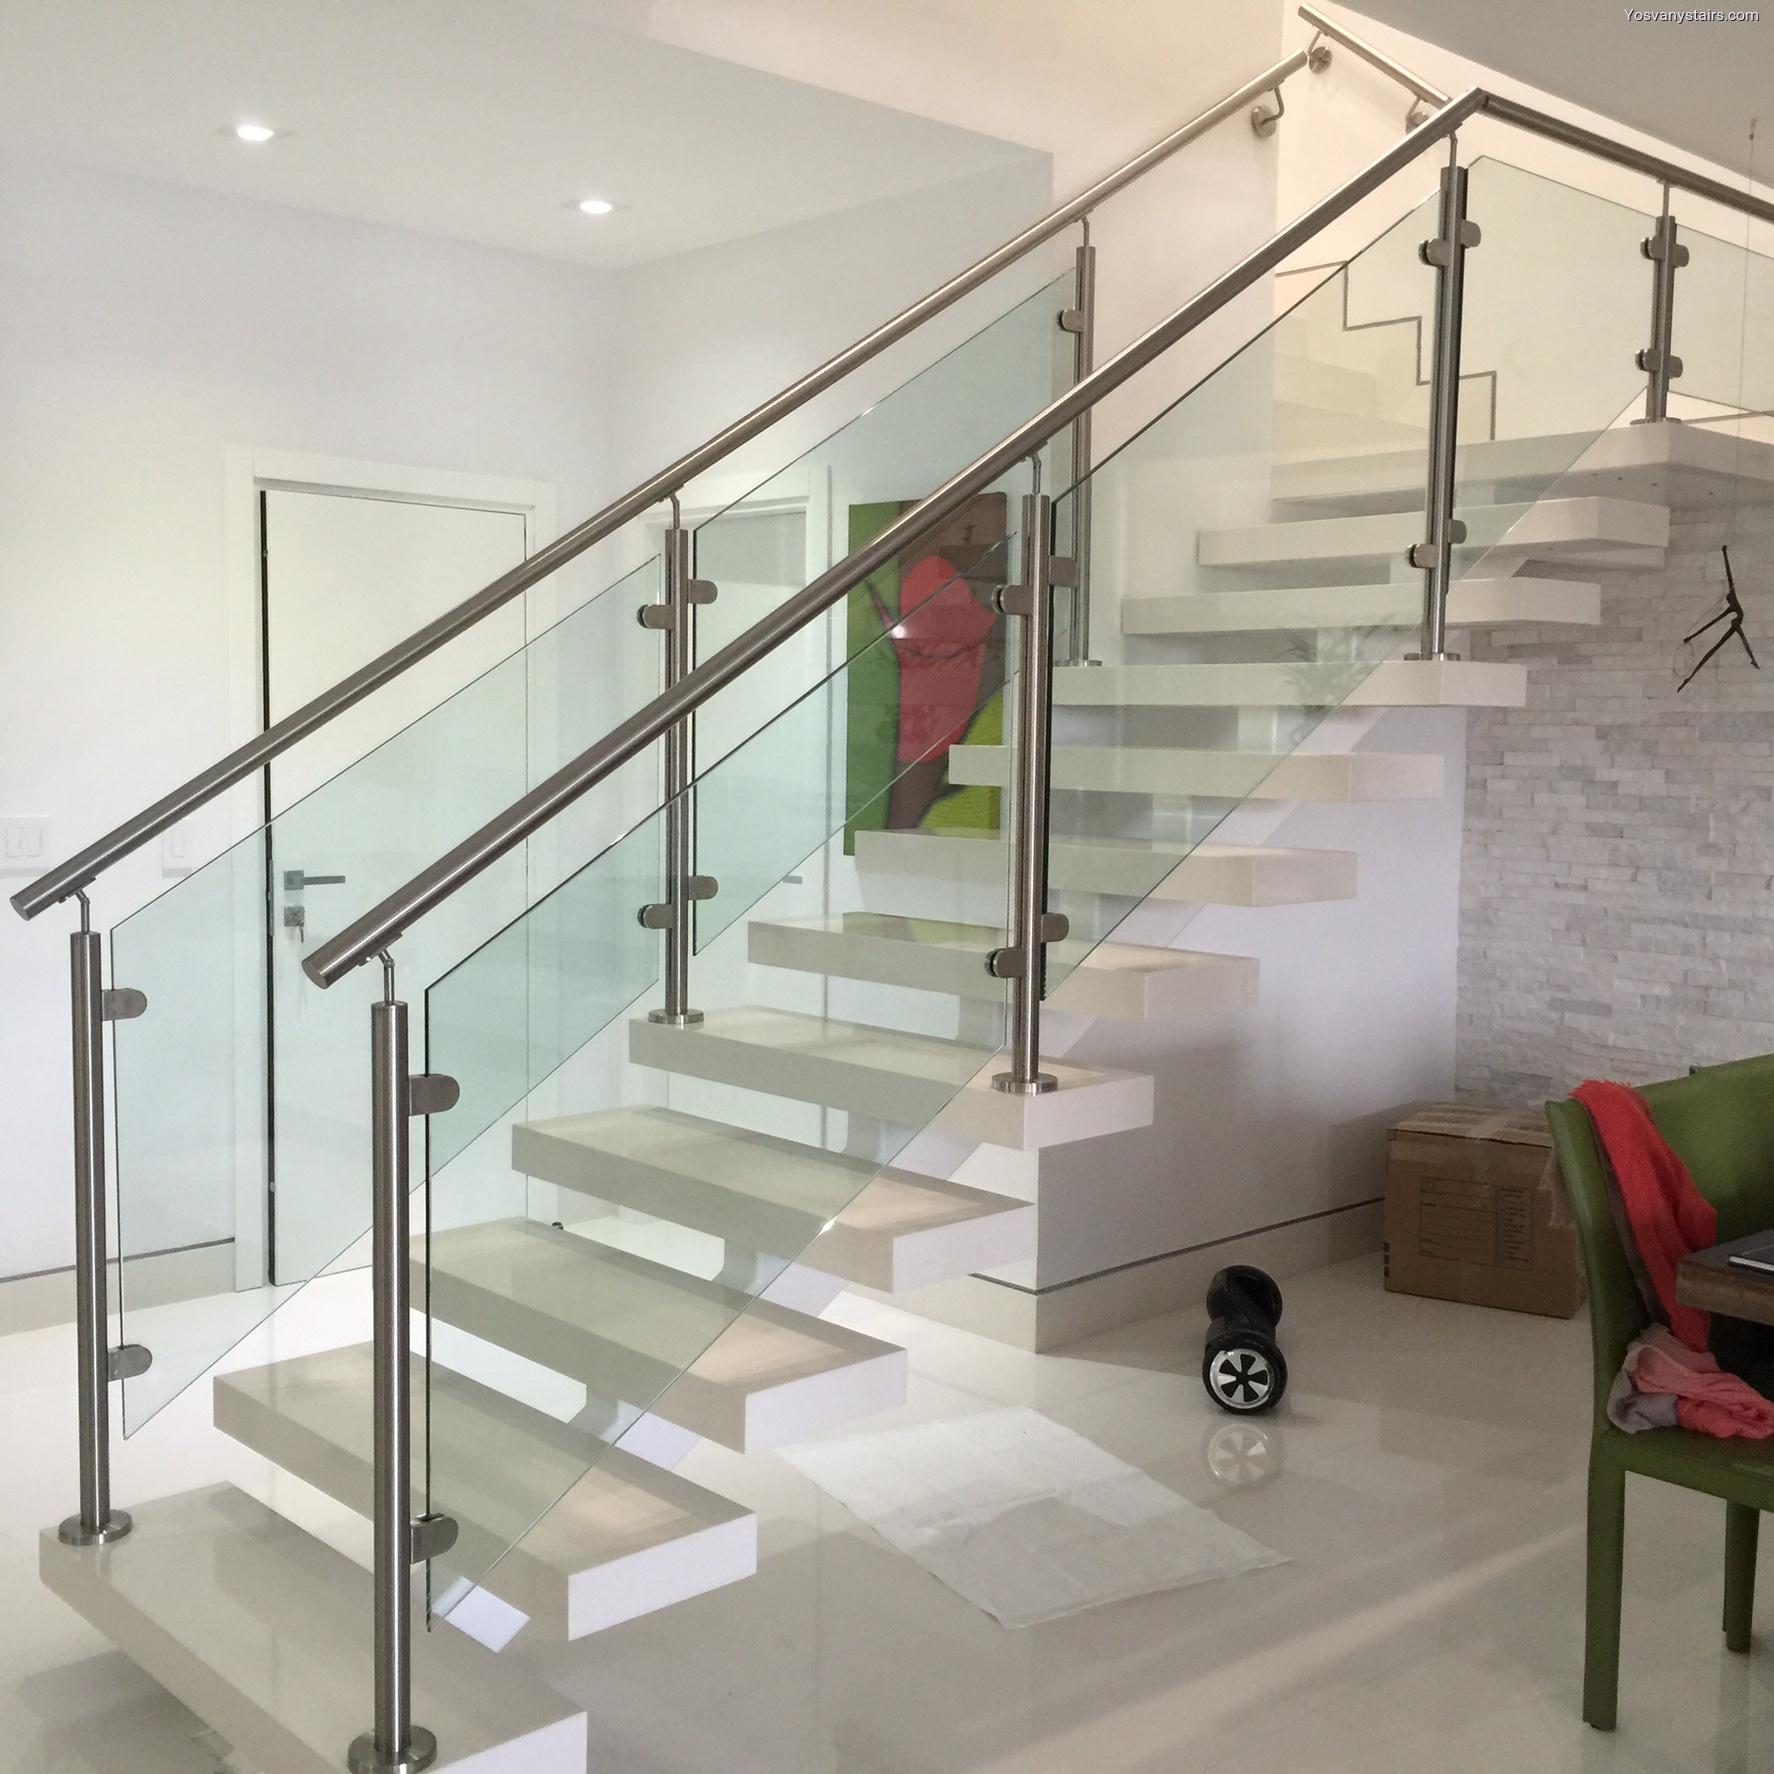 Instalar y remodelar escaleras de barandas de cristal en miami - Barandas de cristal ...